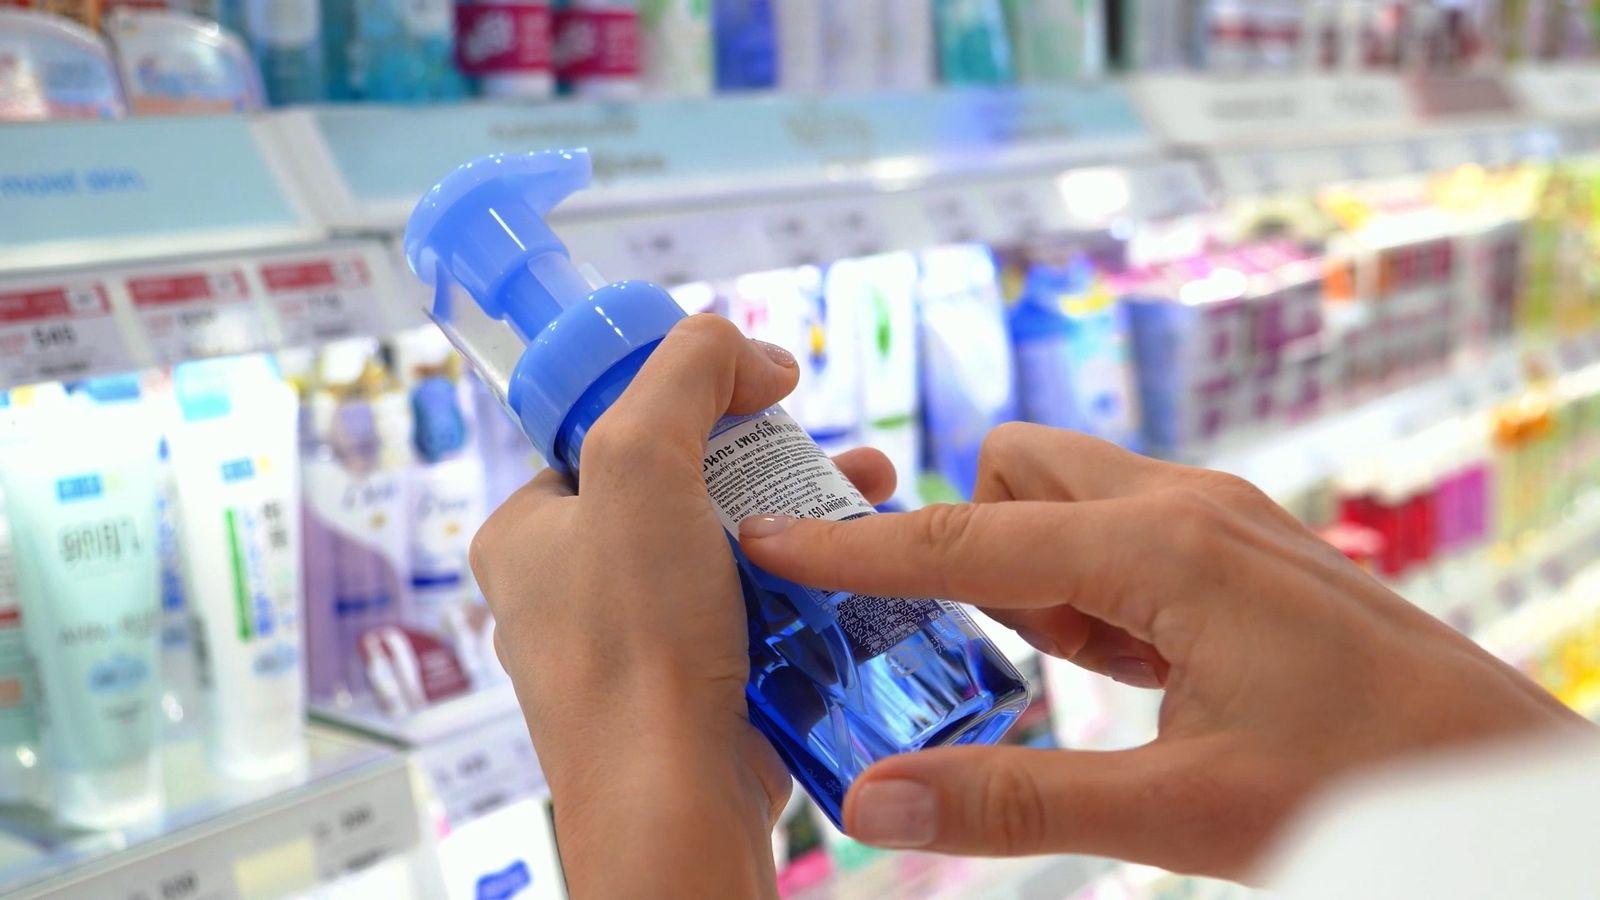 ¿Cómo eliminar los microplásticos de tu rutina de higiene y belleza?